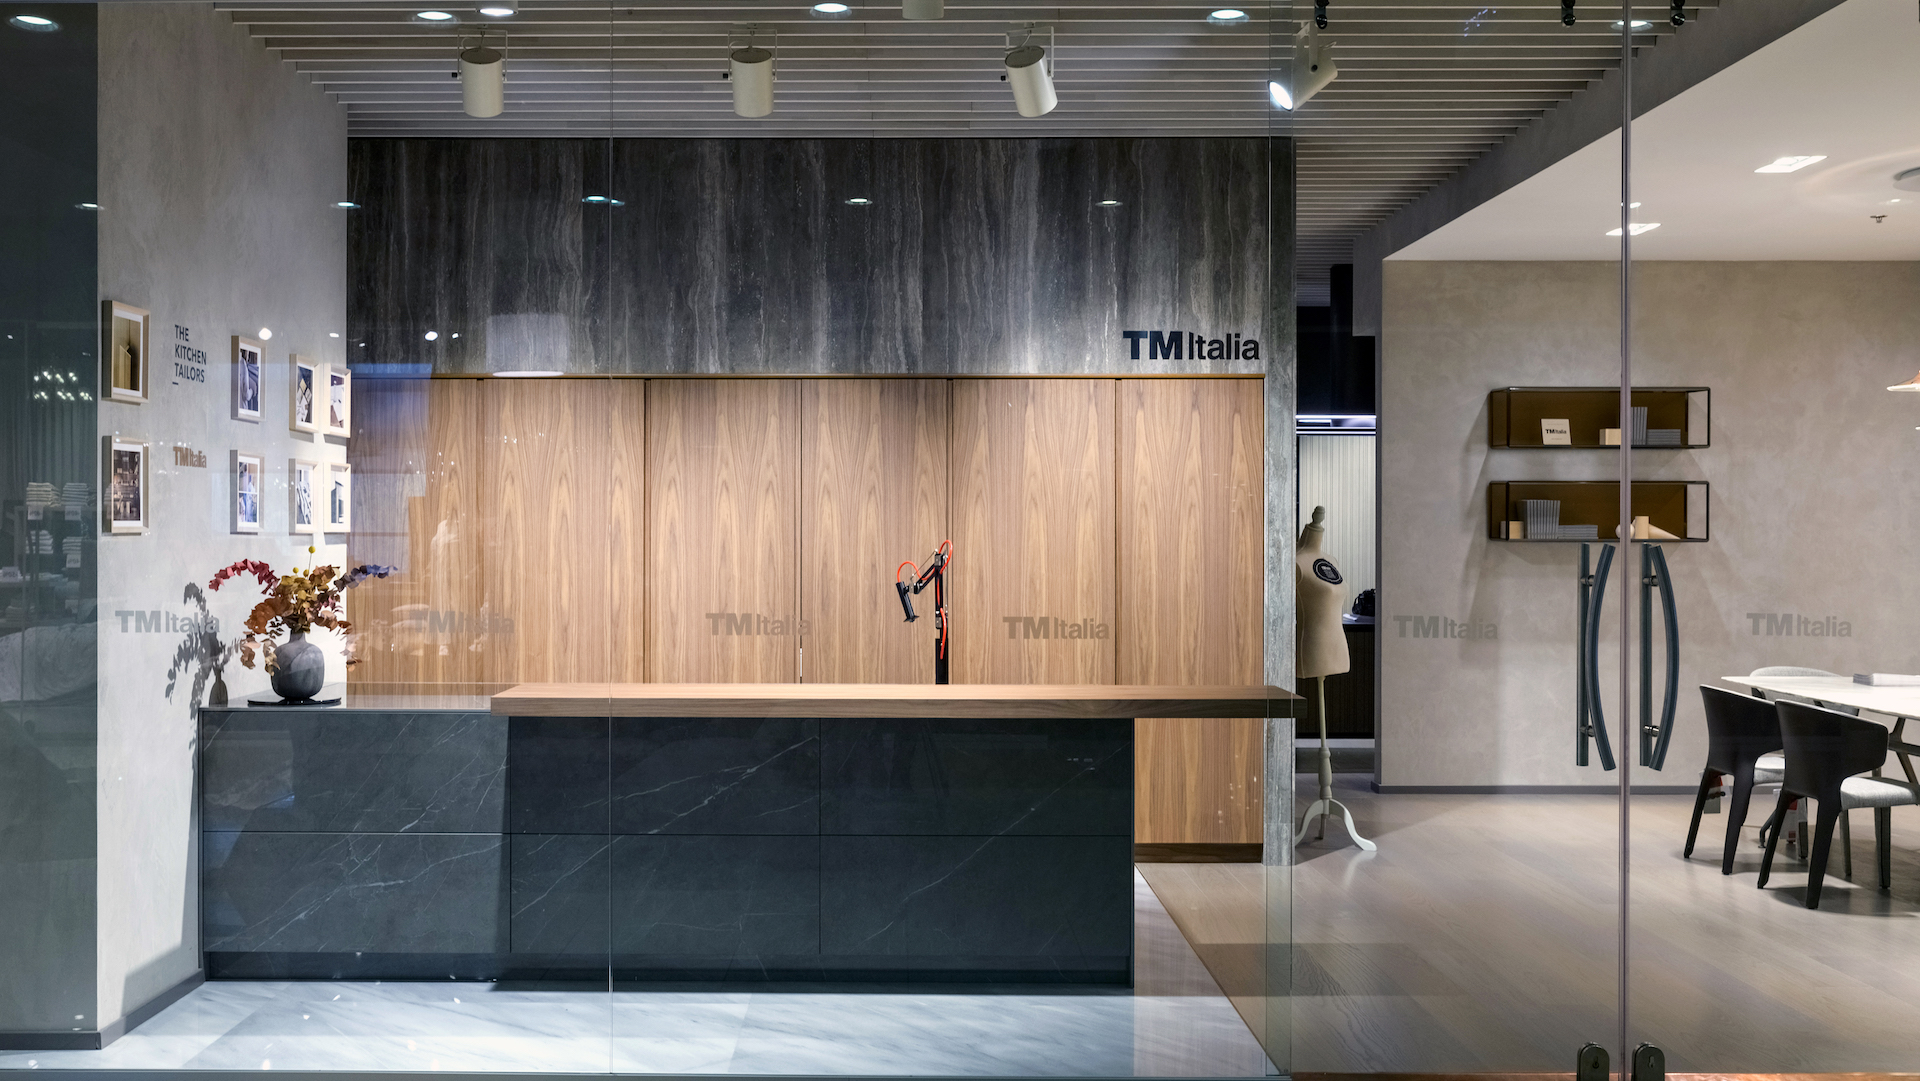 201910 - Cucina con isola e colonne in Noce Canaletto - Cucine su Misura | TM Italia Cucine - TMItalia_Kiev_T45-D90_Gallery01